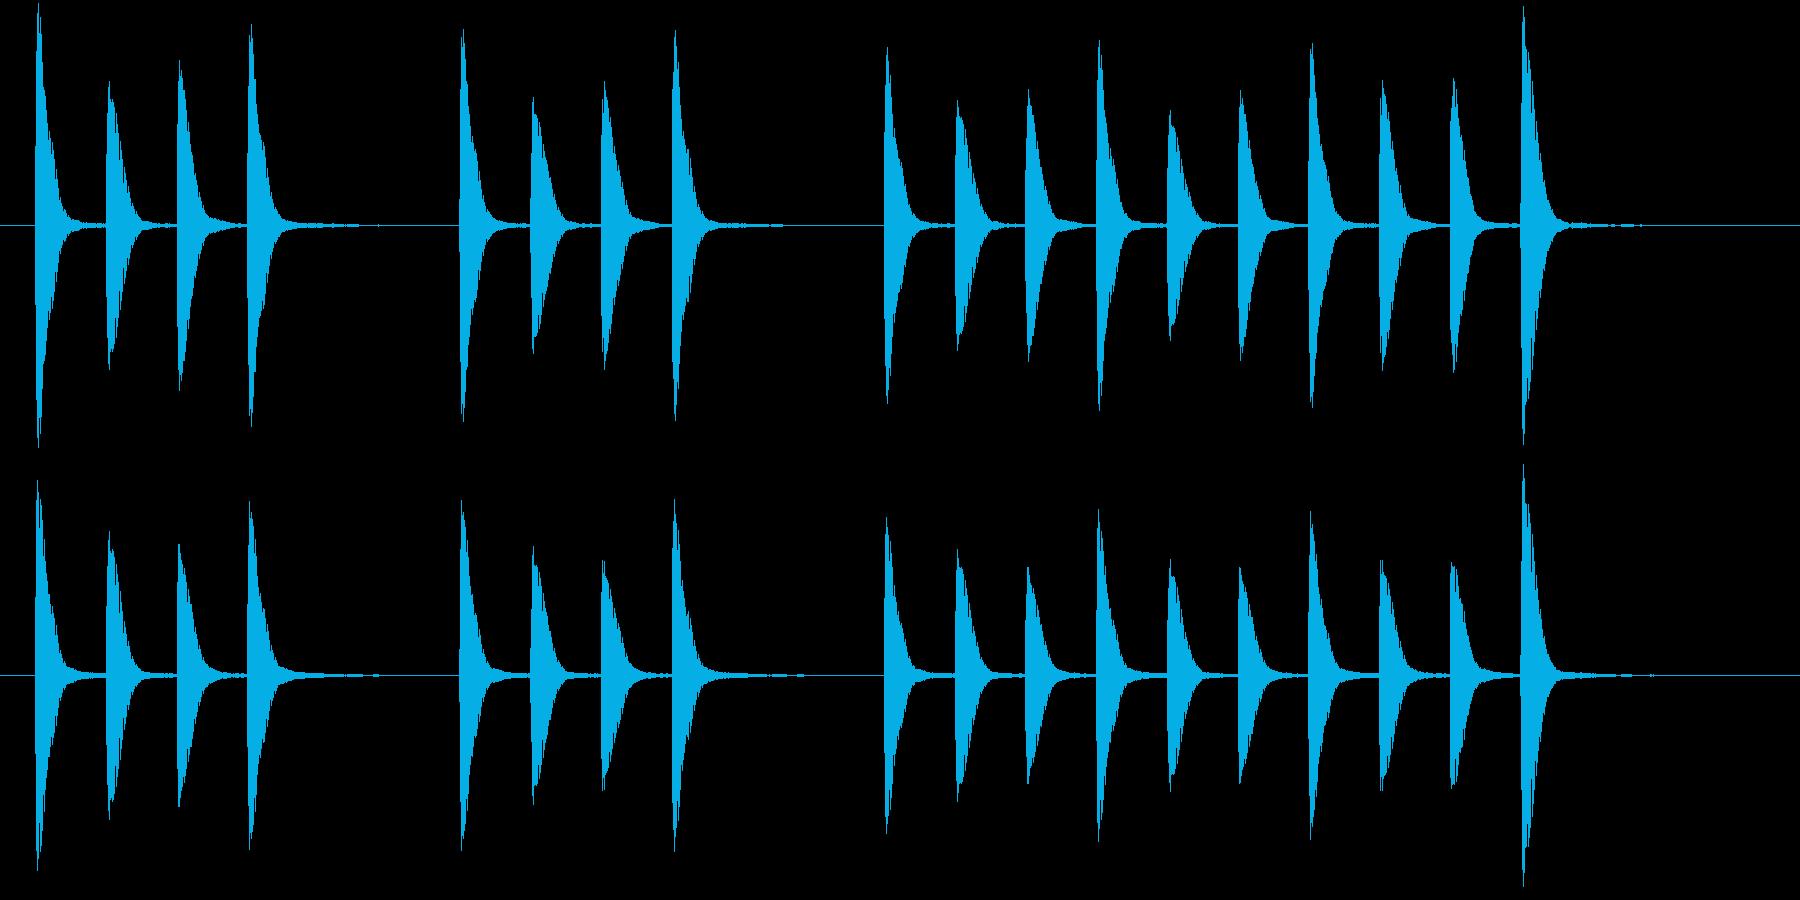 単調だけどほのぼのとしたジングルの再生済みの波形